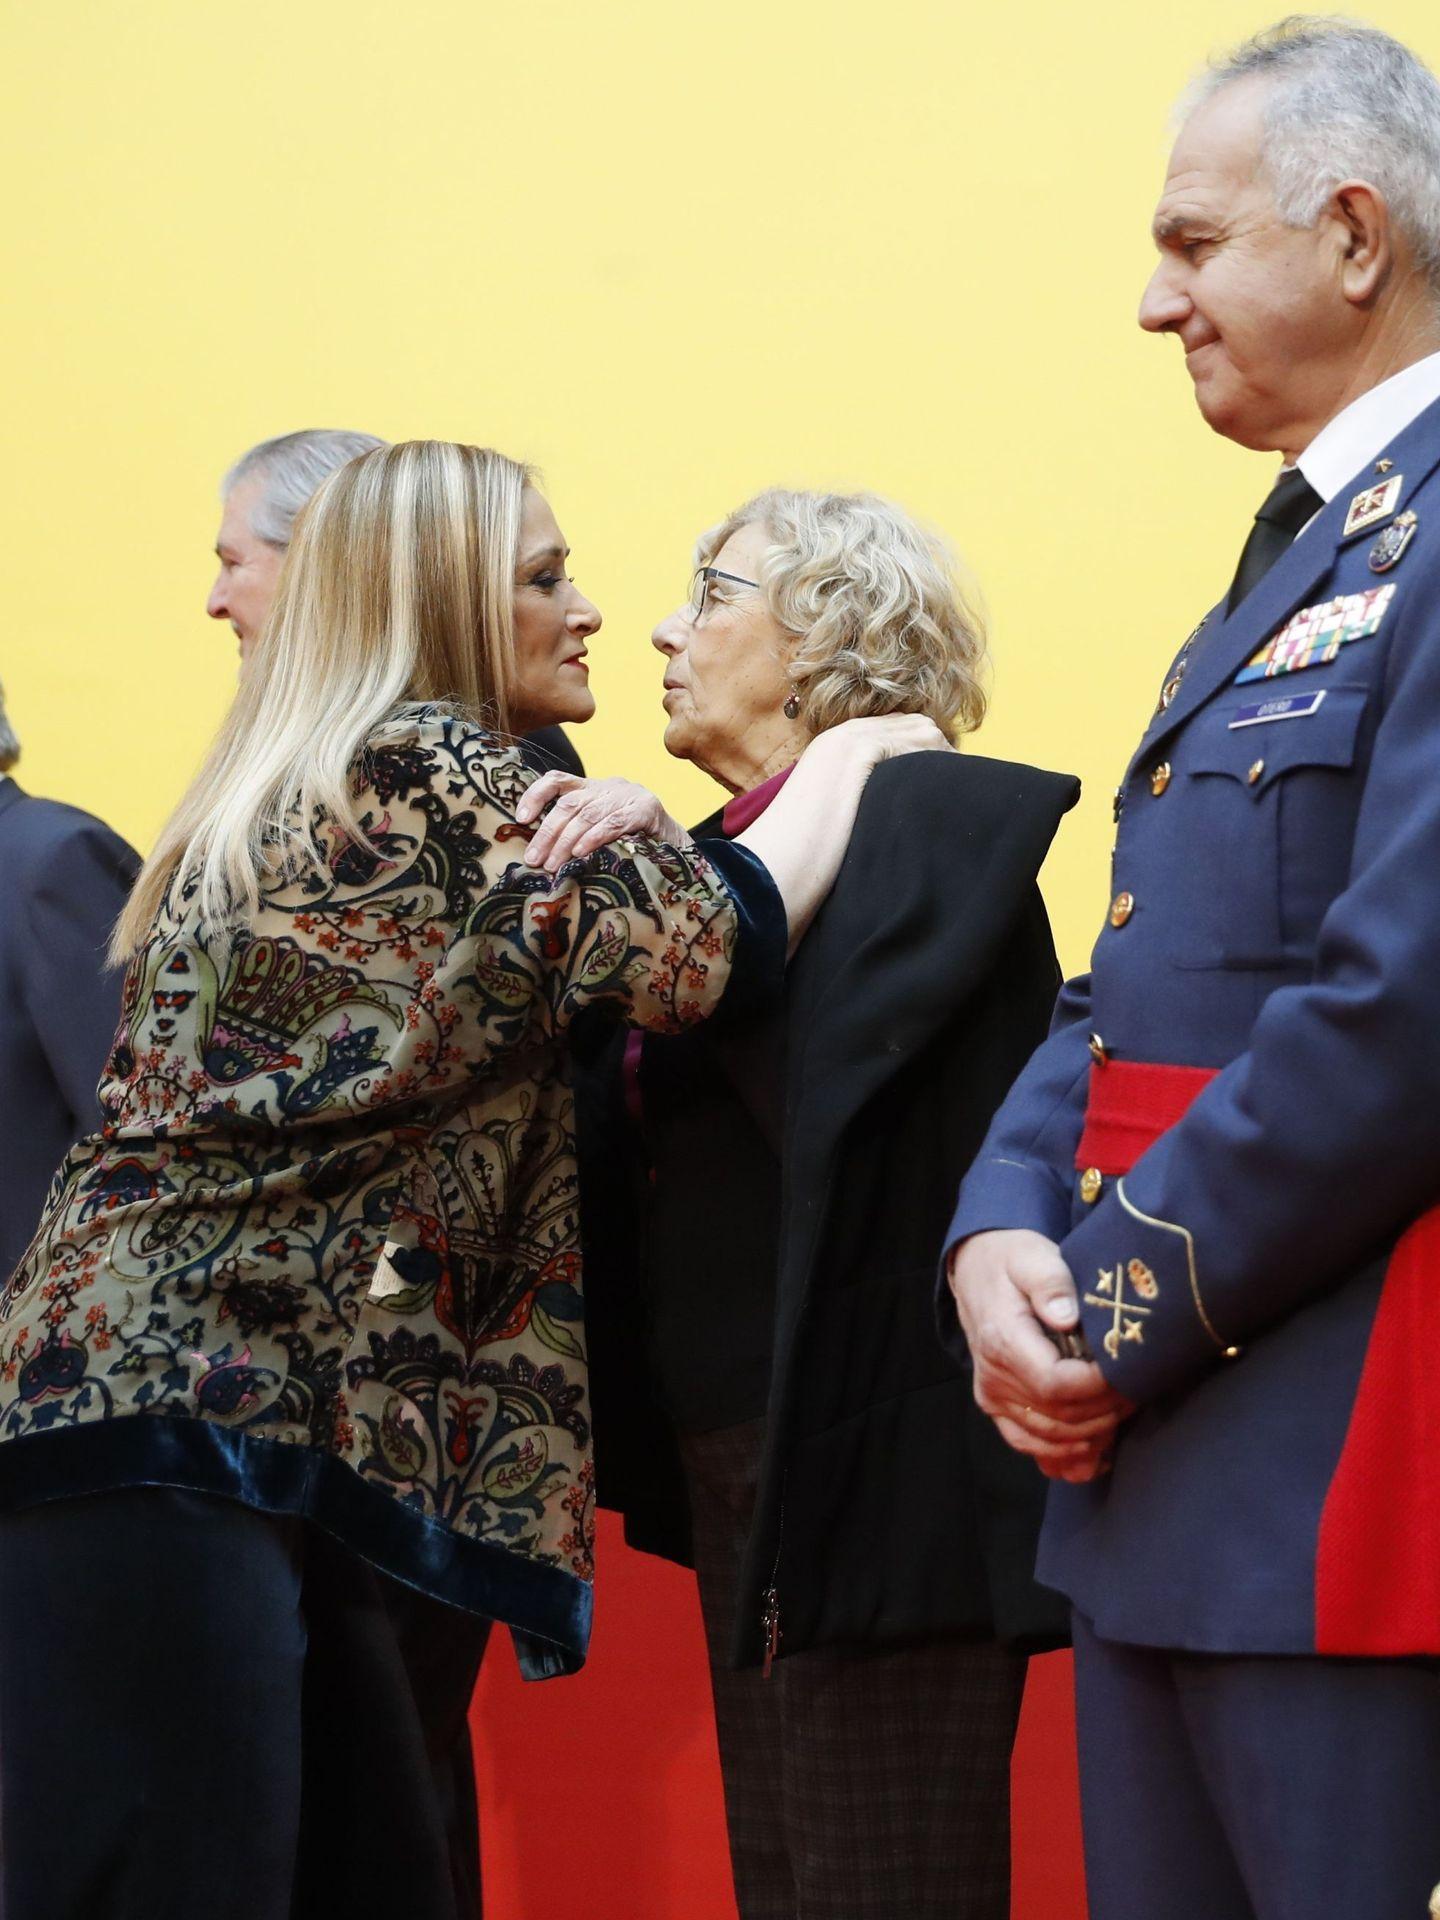 La presidenta de la Comunidad de Madrid, Cristina Cifuentes, saluda a la alcaldesa de Madrid, Manuela Carmena. EFE